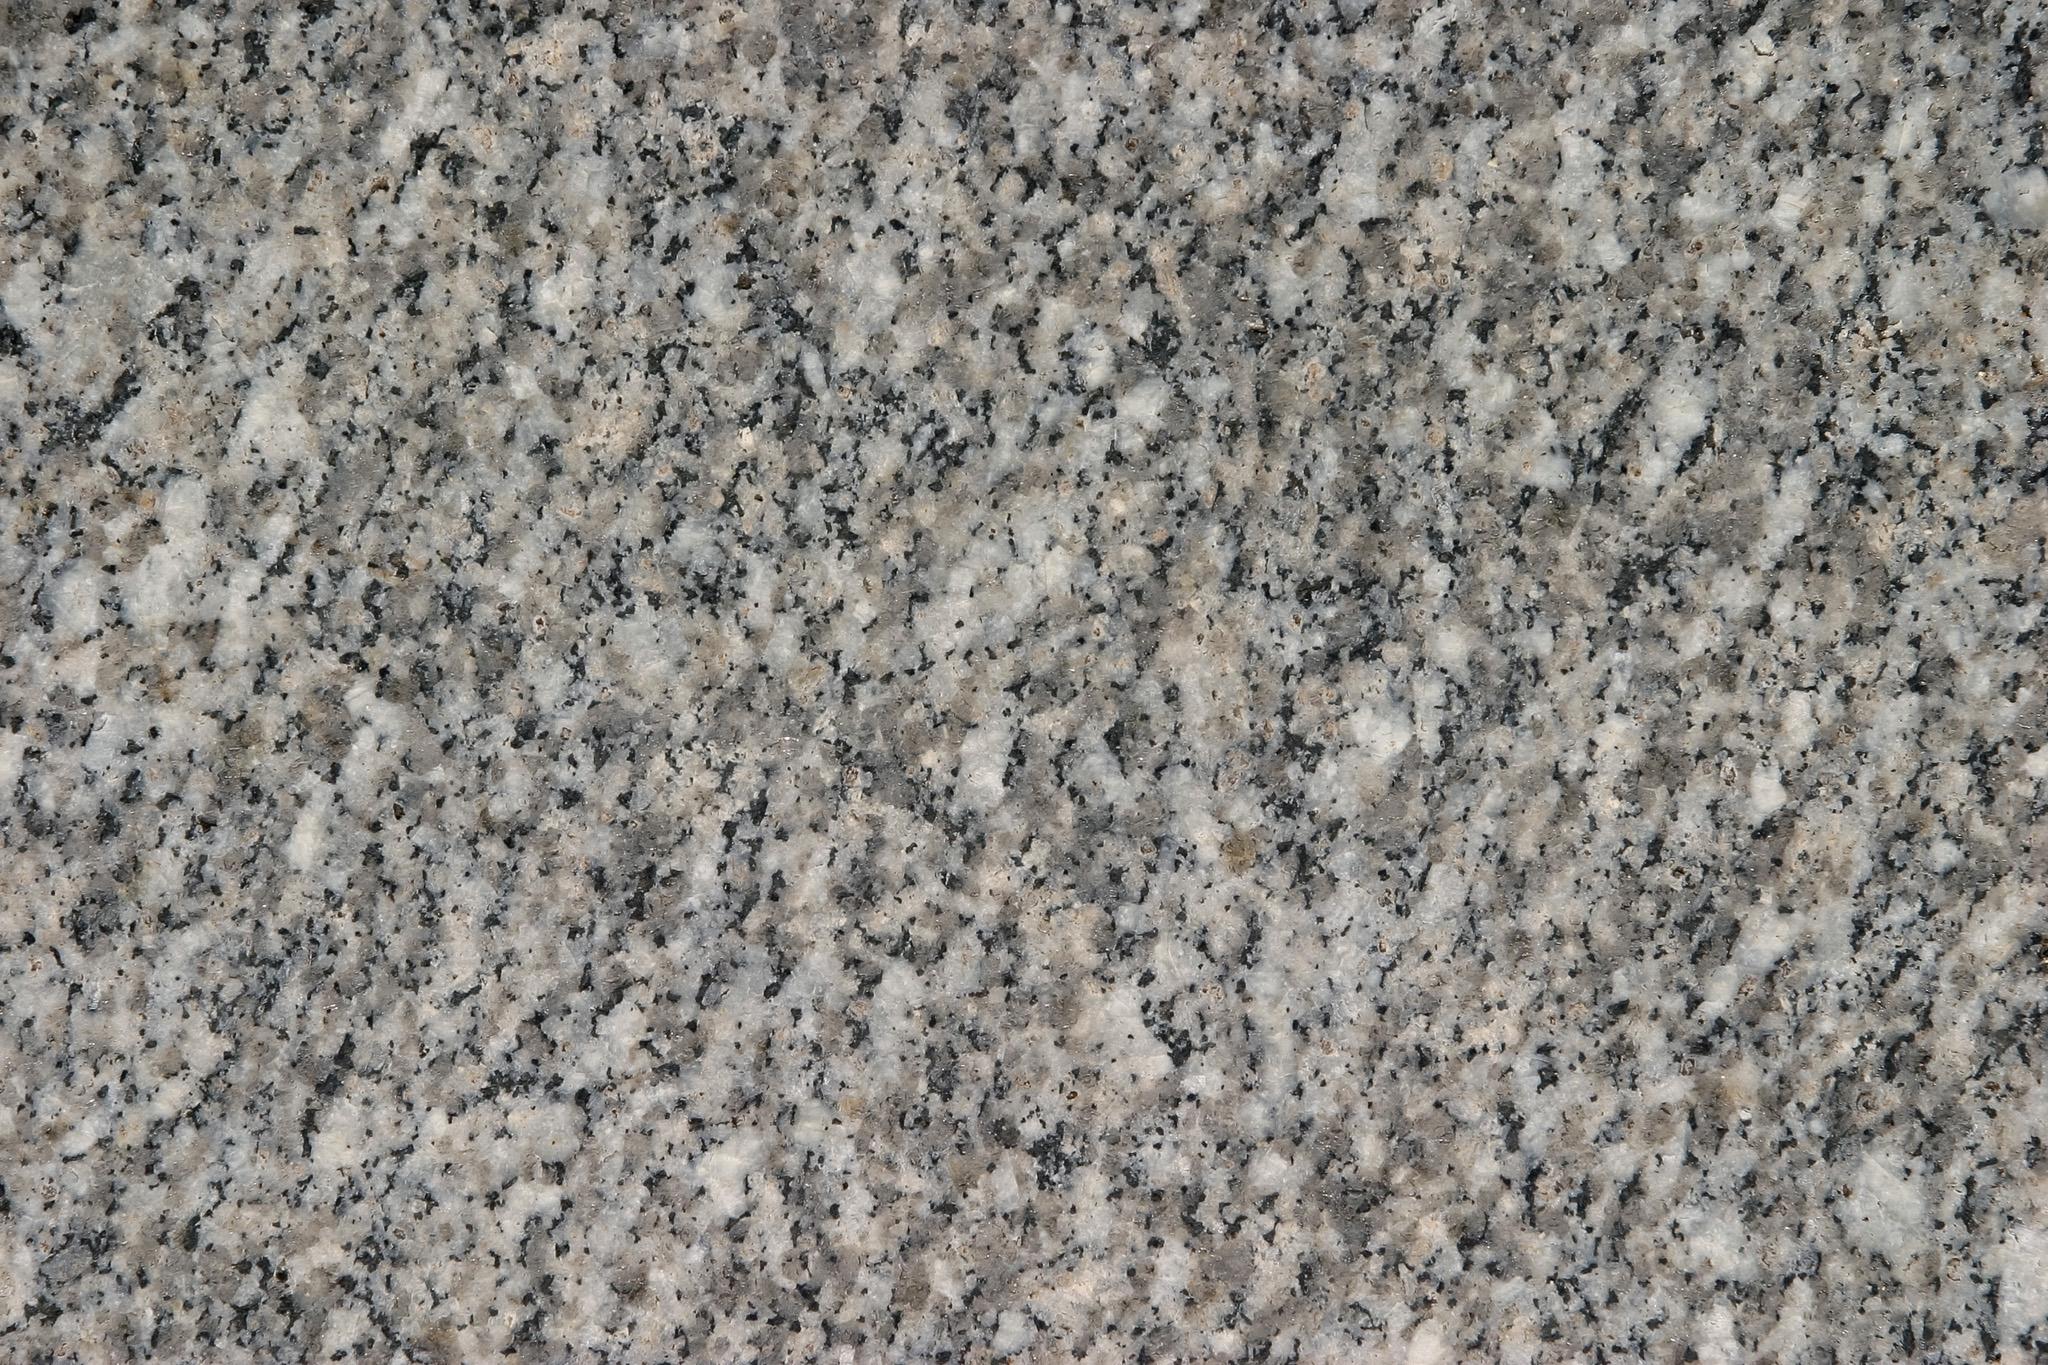 「花崗岩の写真」の素材を無料ダウンロード